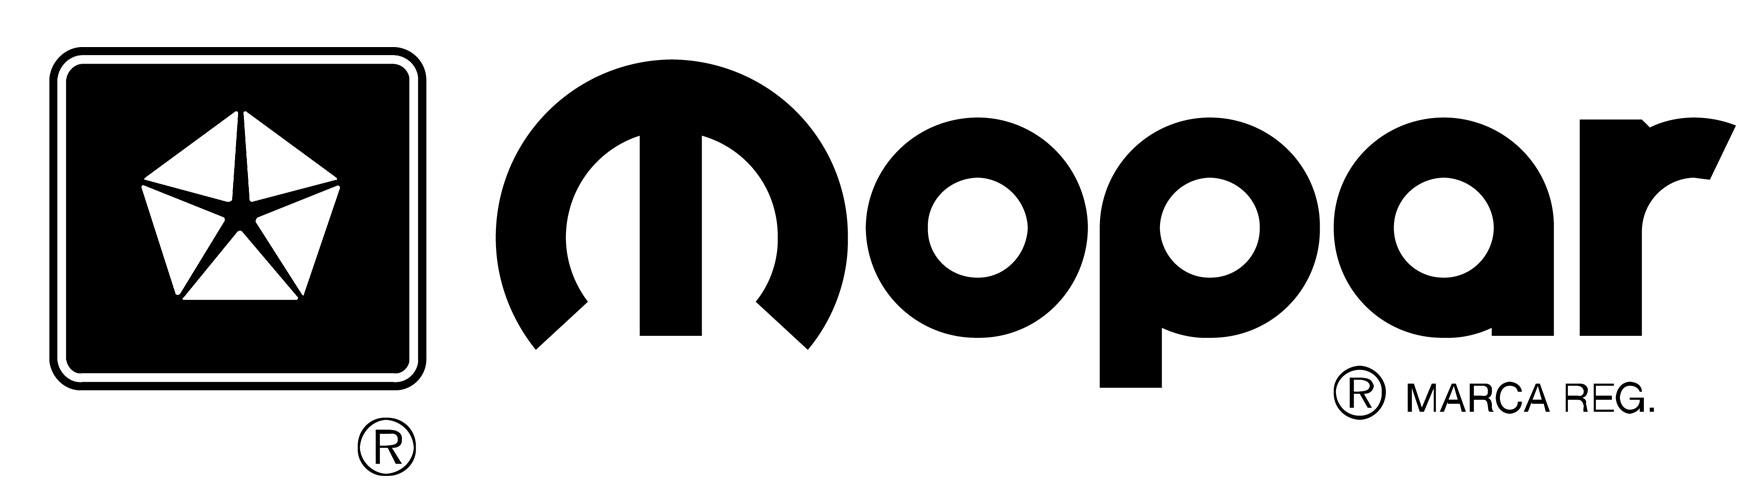 chrysler logo 2017 vector - photo #15